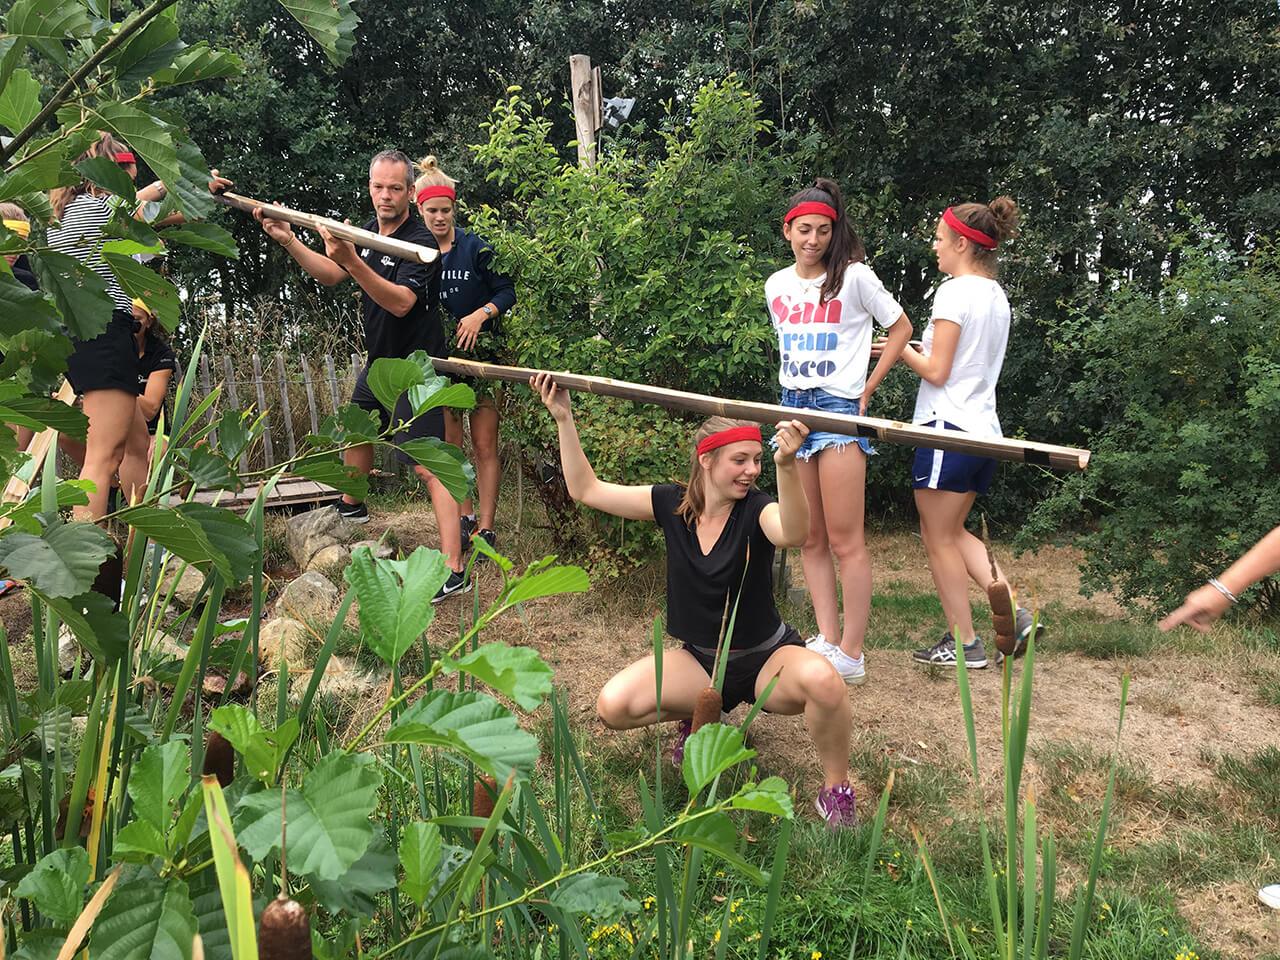 team houdt watergoten vast om de pot te vullen en de proef te volbrengen